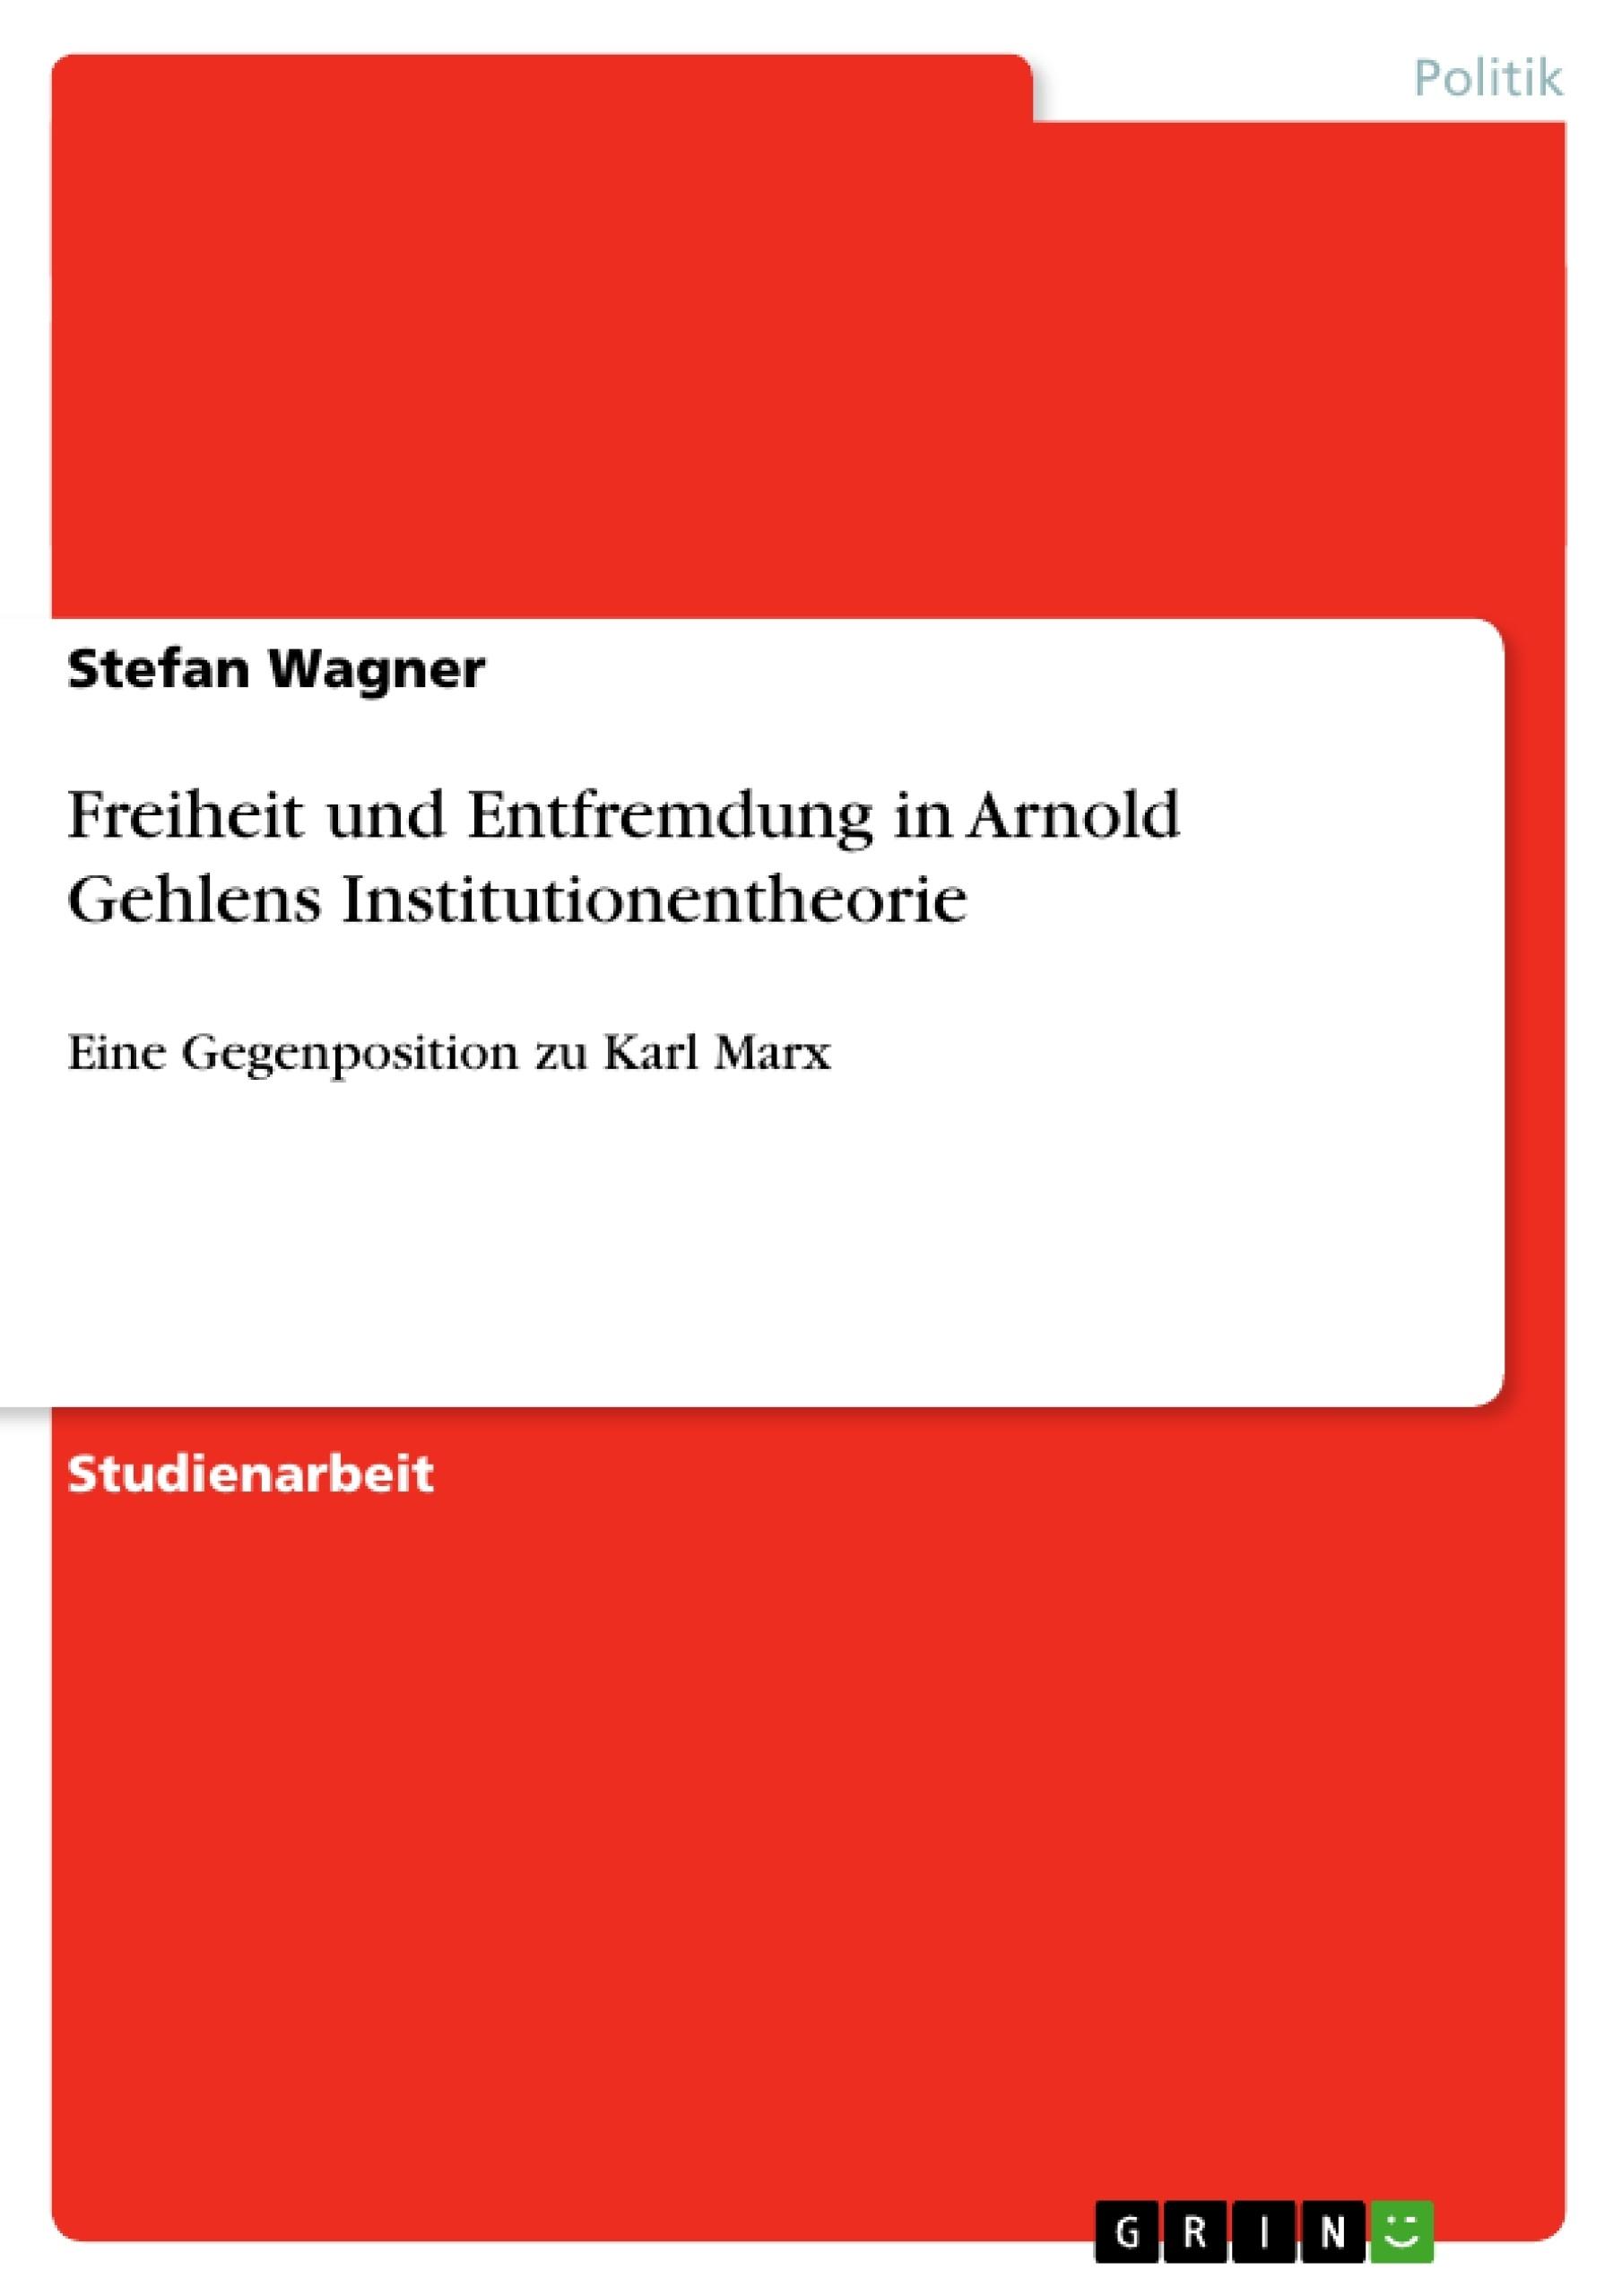 Titel: Freiheit und Entfremdung in Arnold Gehlens Institutionentheorie